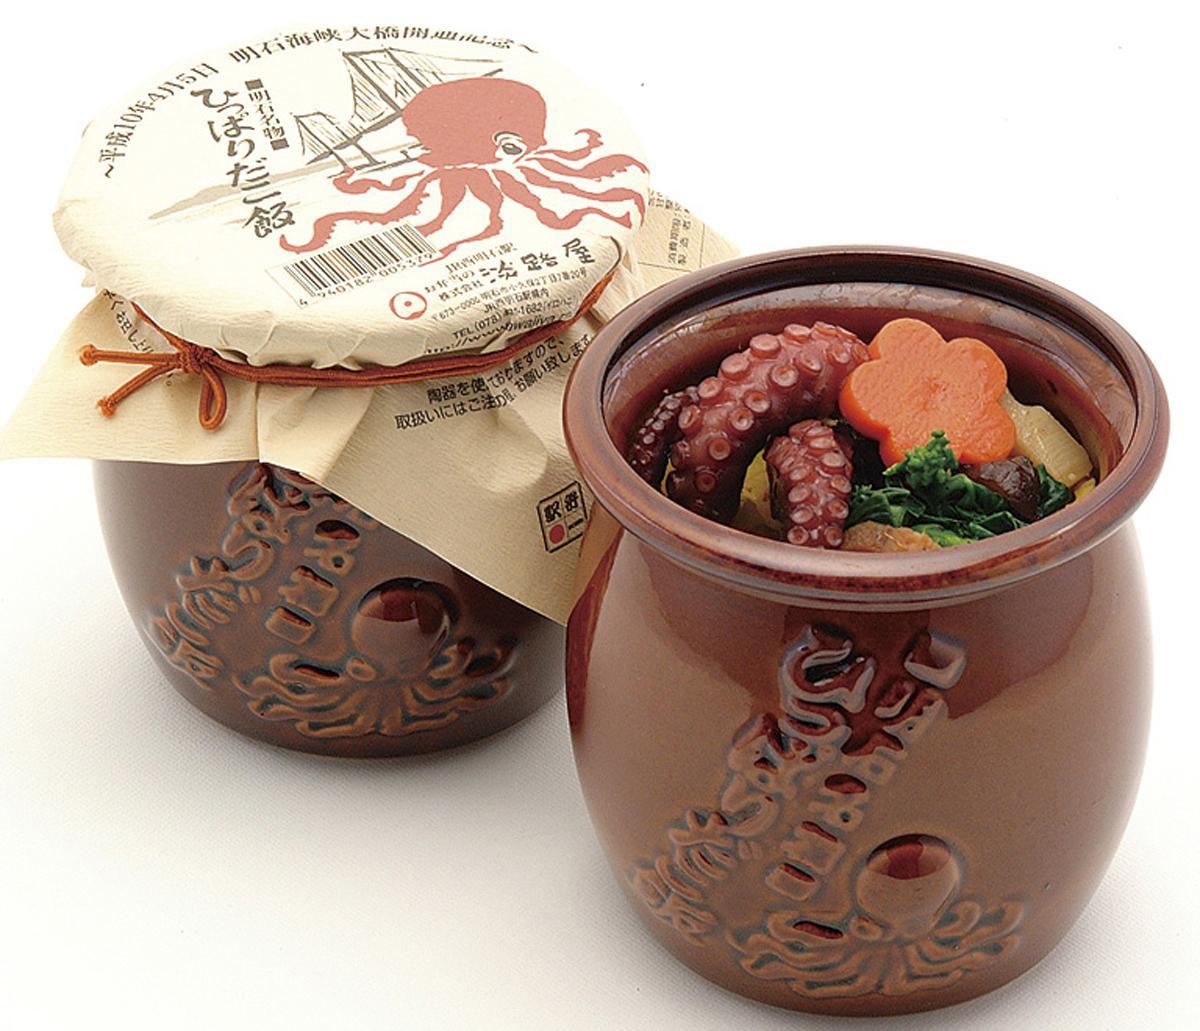 「ひっぱりだこ飯」(1,080円)、当日は明石から来た職人が実演販売する